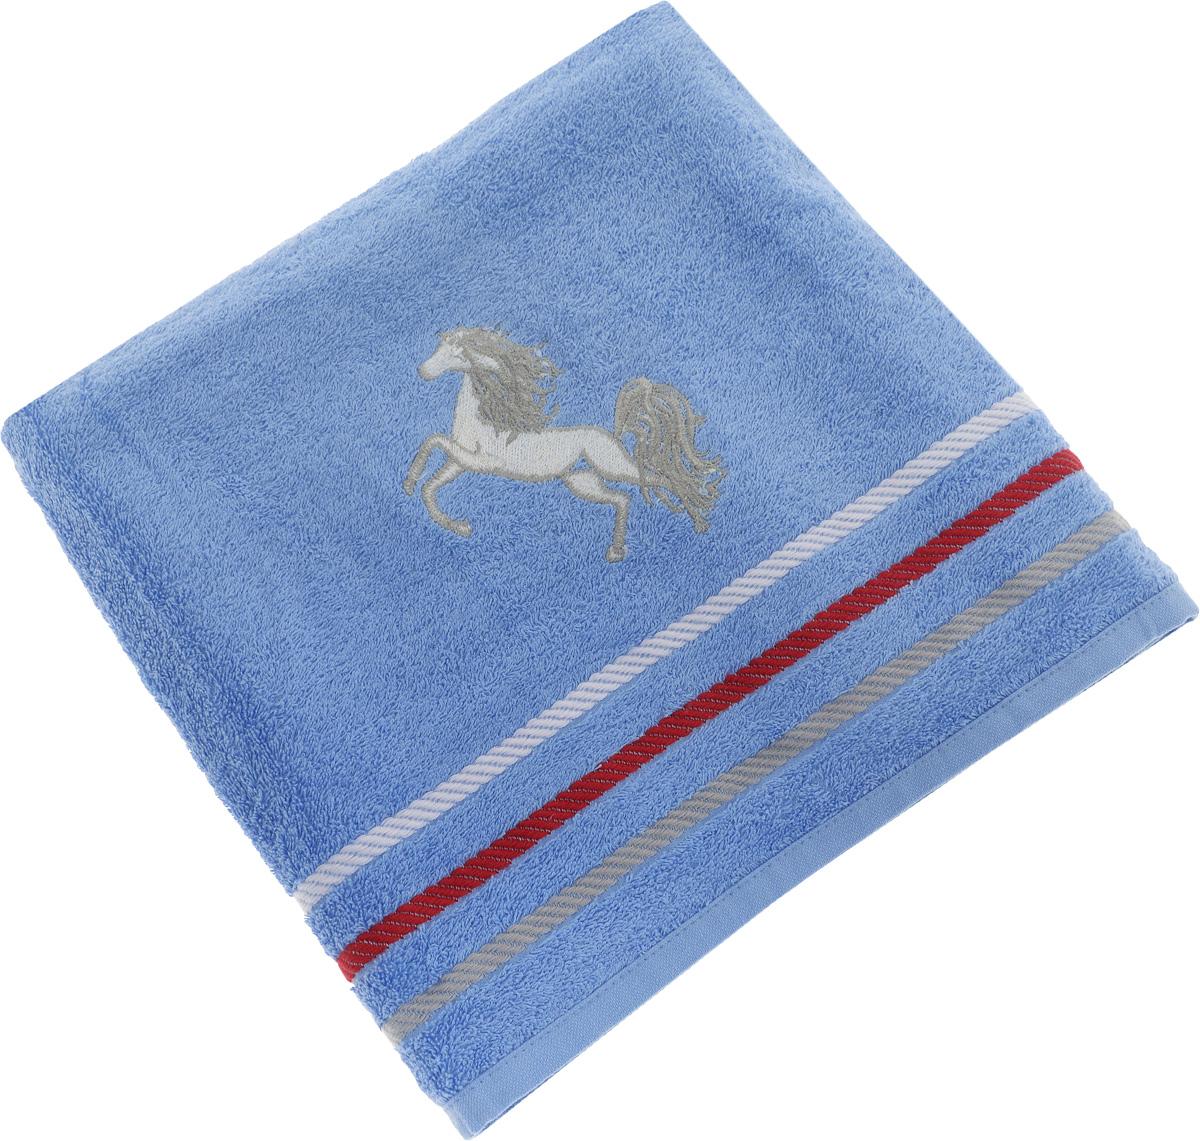 Полотенце Soavita Luxury. Лошадка, цвет: голубой, 70 х 130 смBH-UN0502( R)Полотенце Soavita Luxury. Лошадка выполнено из 100% хлопка. Изделие отлично впитывает влагу, быстро сохнет, сохраняет яркость цвета и не теряет форму даже после многократных стирок. Полотенце очень практично и неприхотливо в уходе. Оно создаст прекрасное настроение и украсит интерьер в ванной комнате.